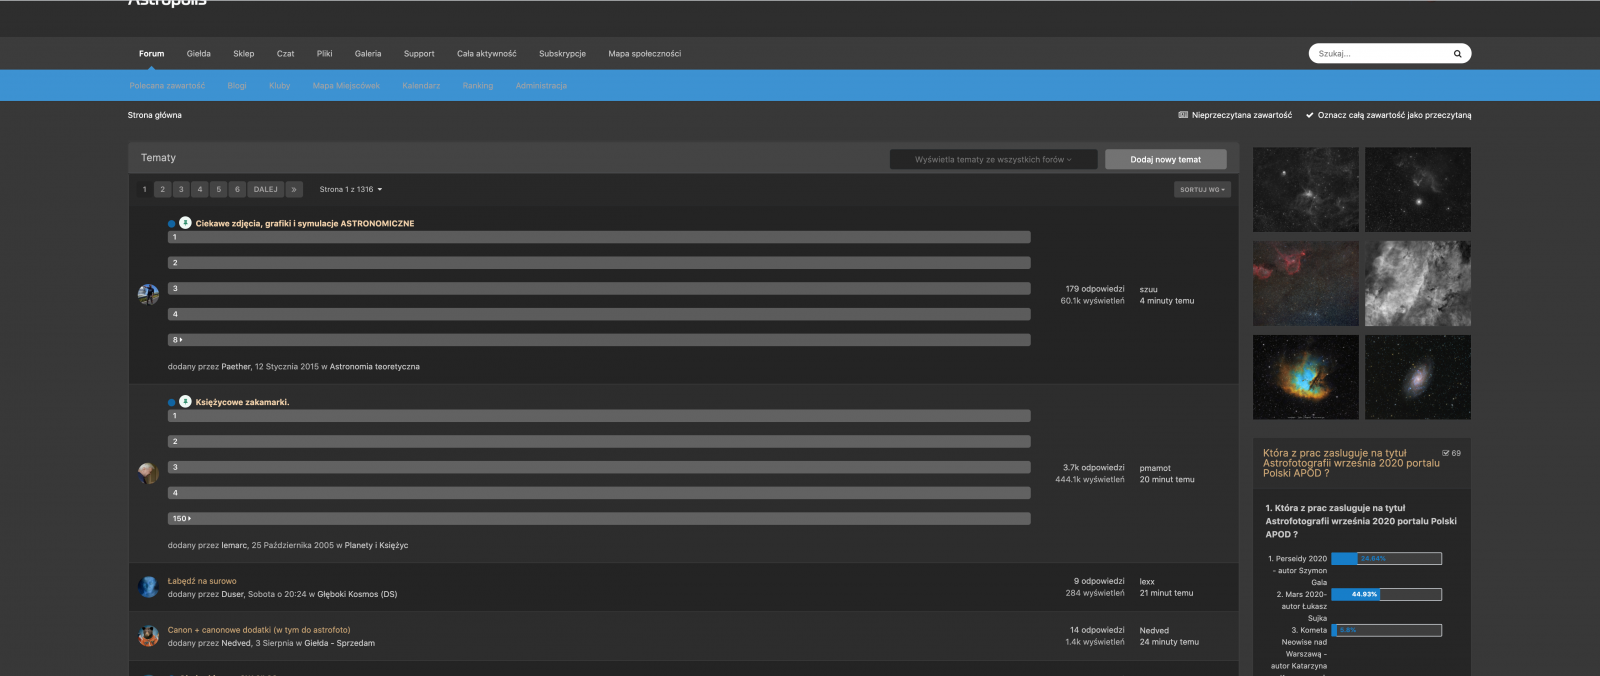 Screenshot 2020-10-05 at 13.54.37.png